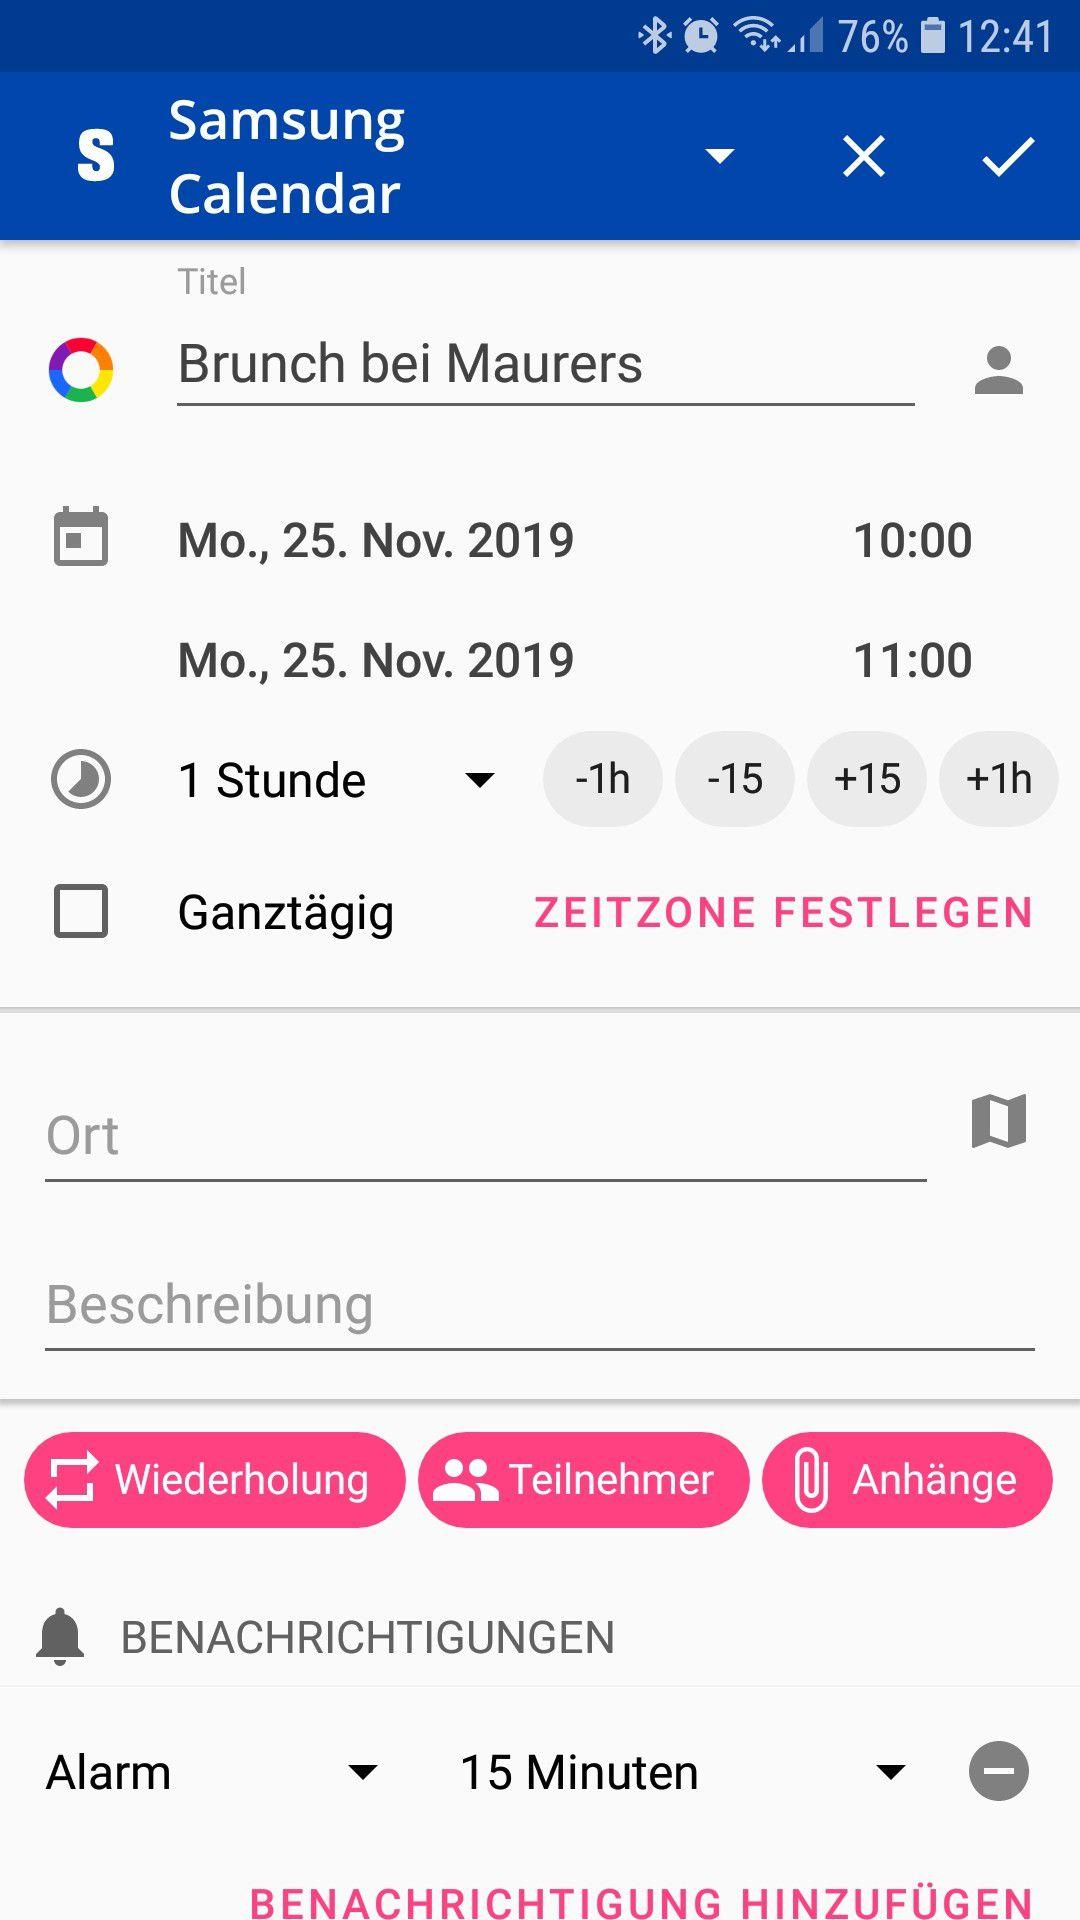 Acalendar Anleitung die besten kalender-apps für android - pc-welt